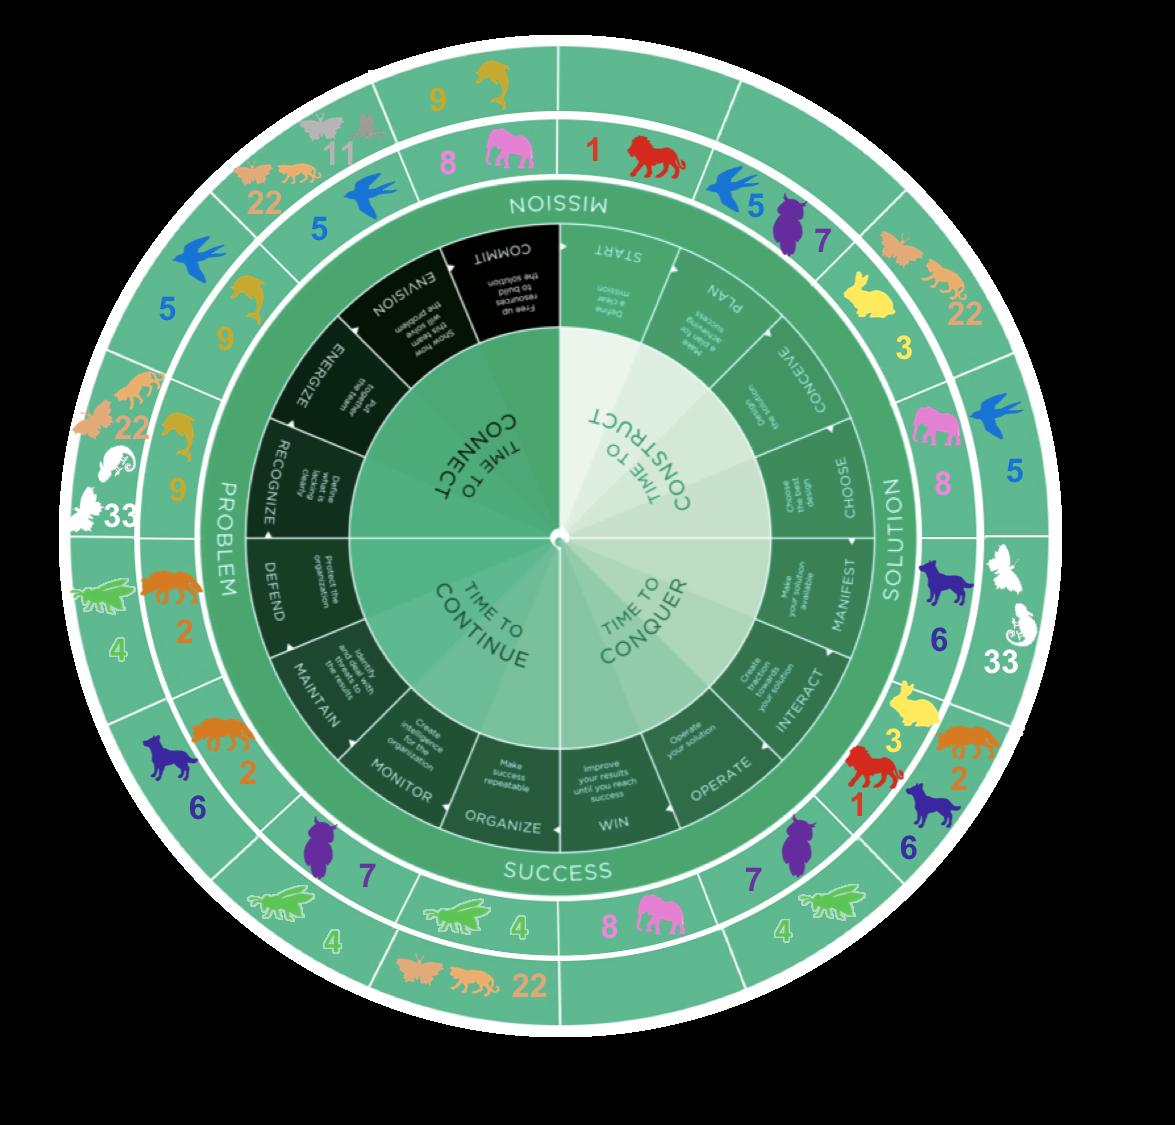 persoonlijk kompas model.png